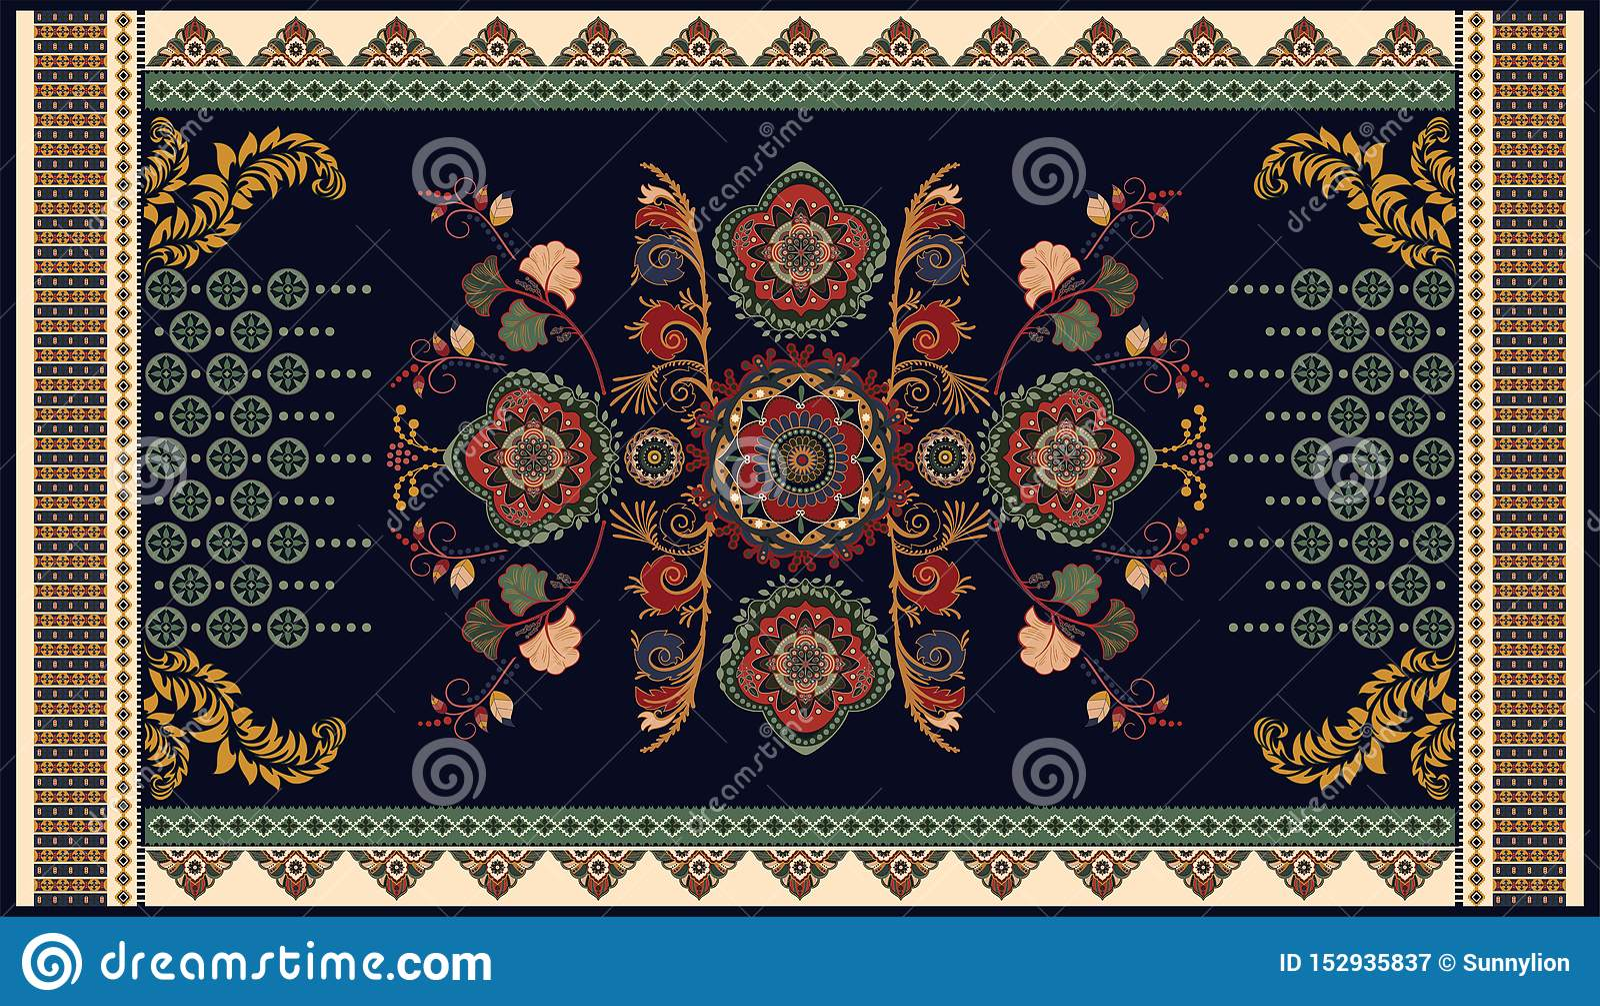 Colorful Ornamental Vector Design For Rug Carpet Tapis Yoga Mat